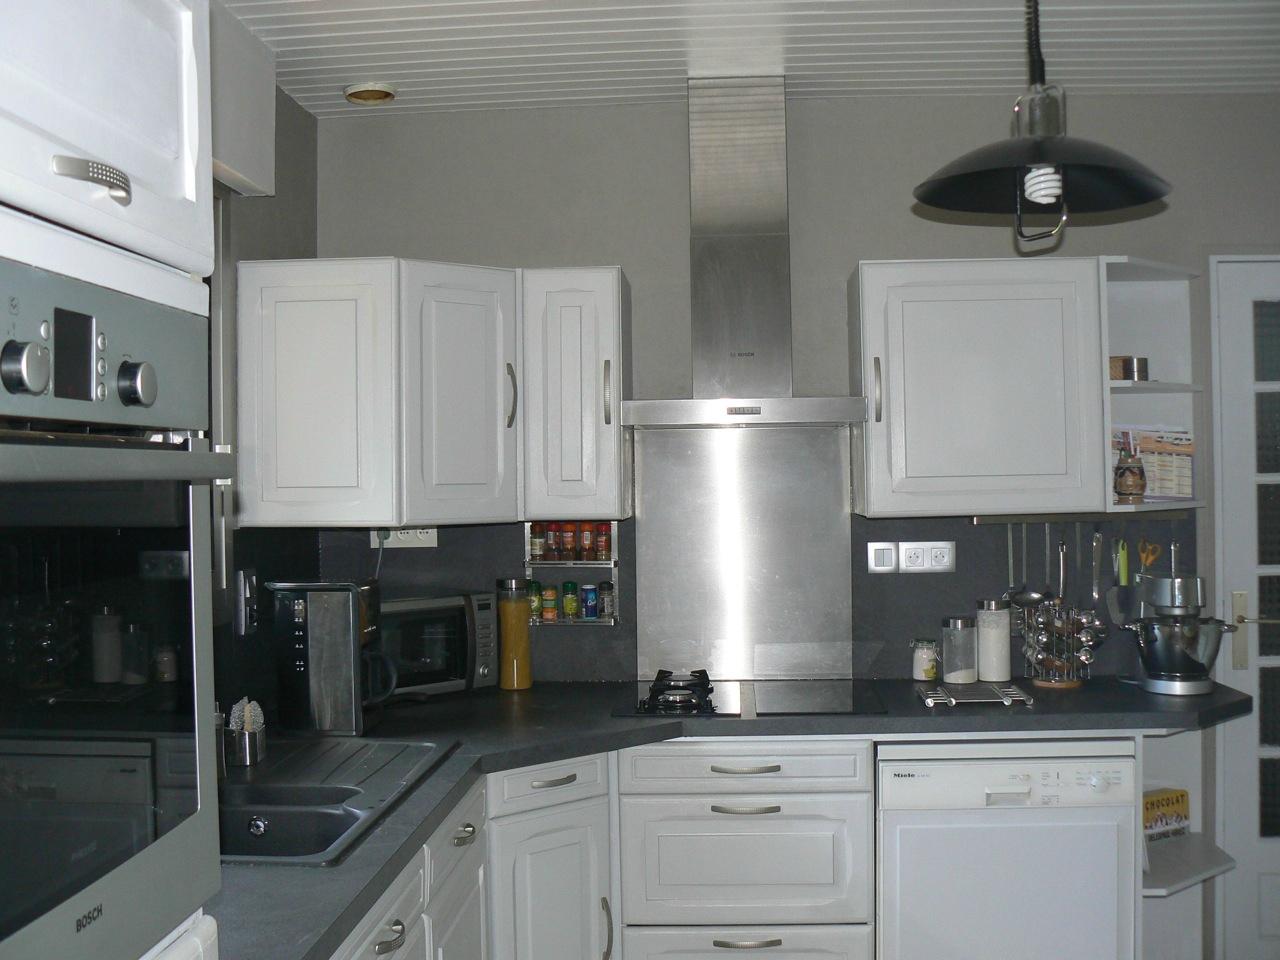 Meuble de cuisine gris perle - Idée de maison et déco